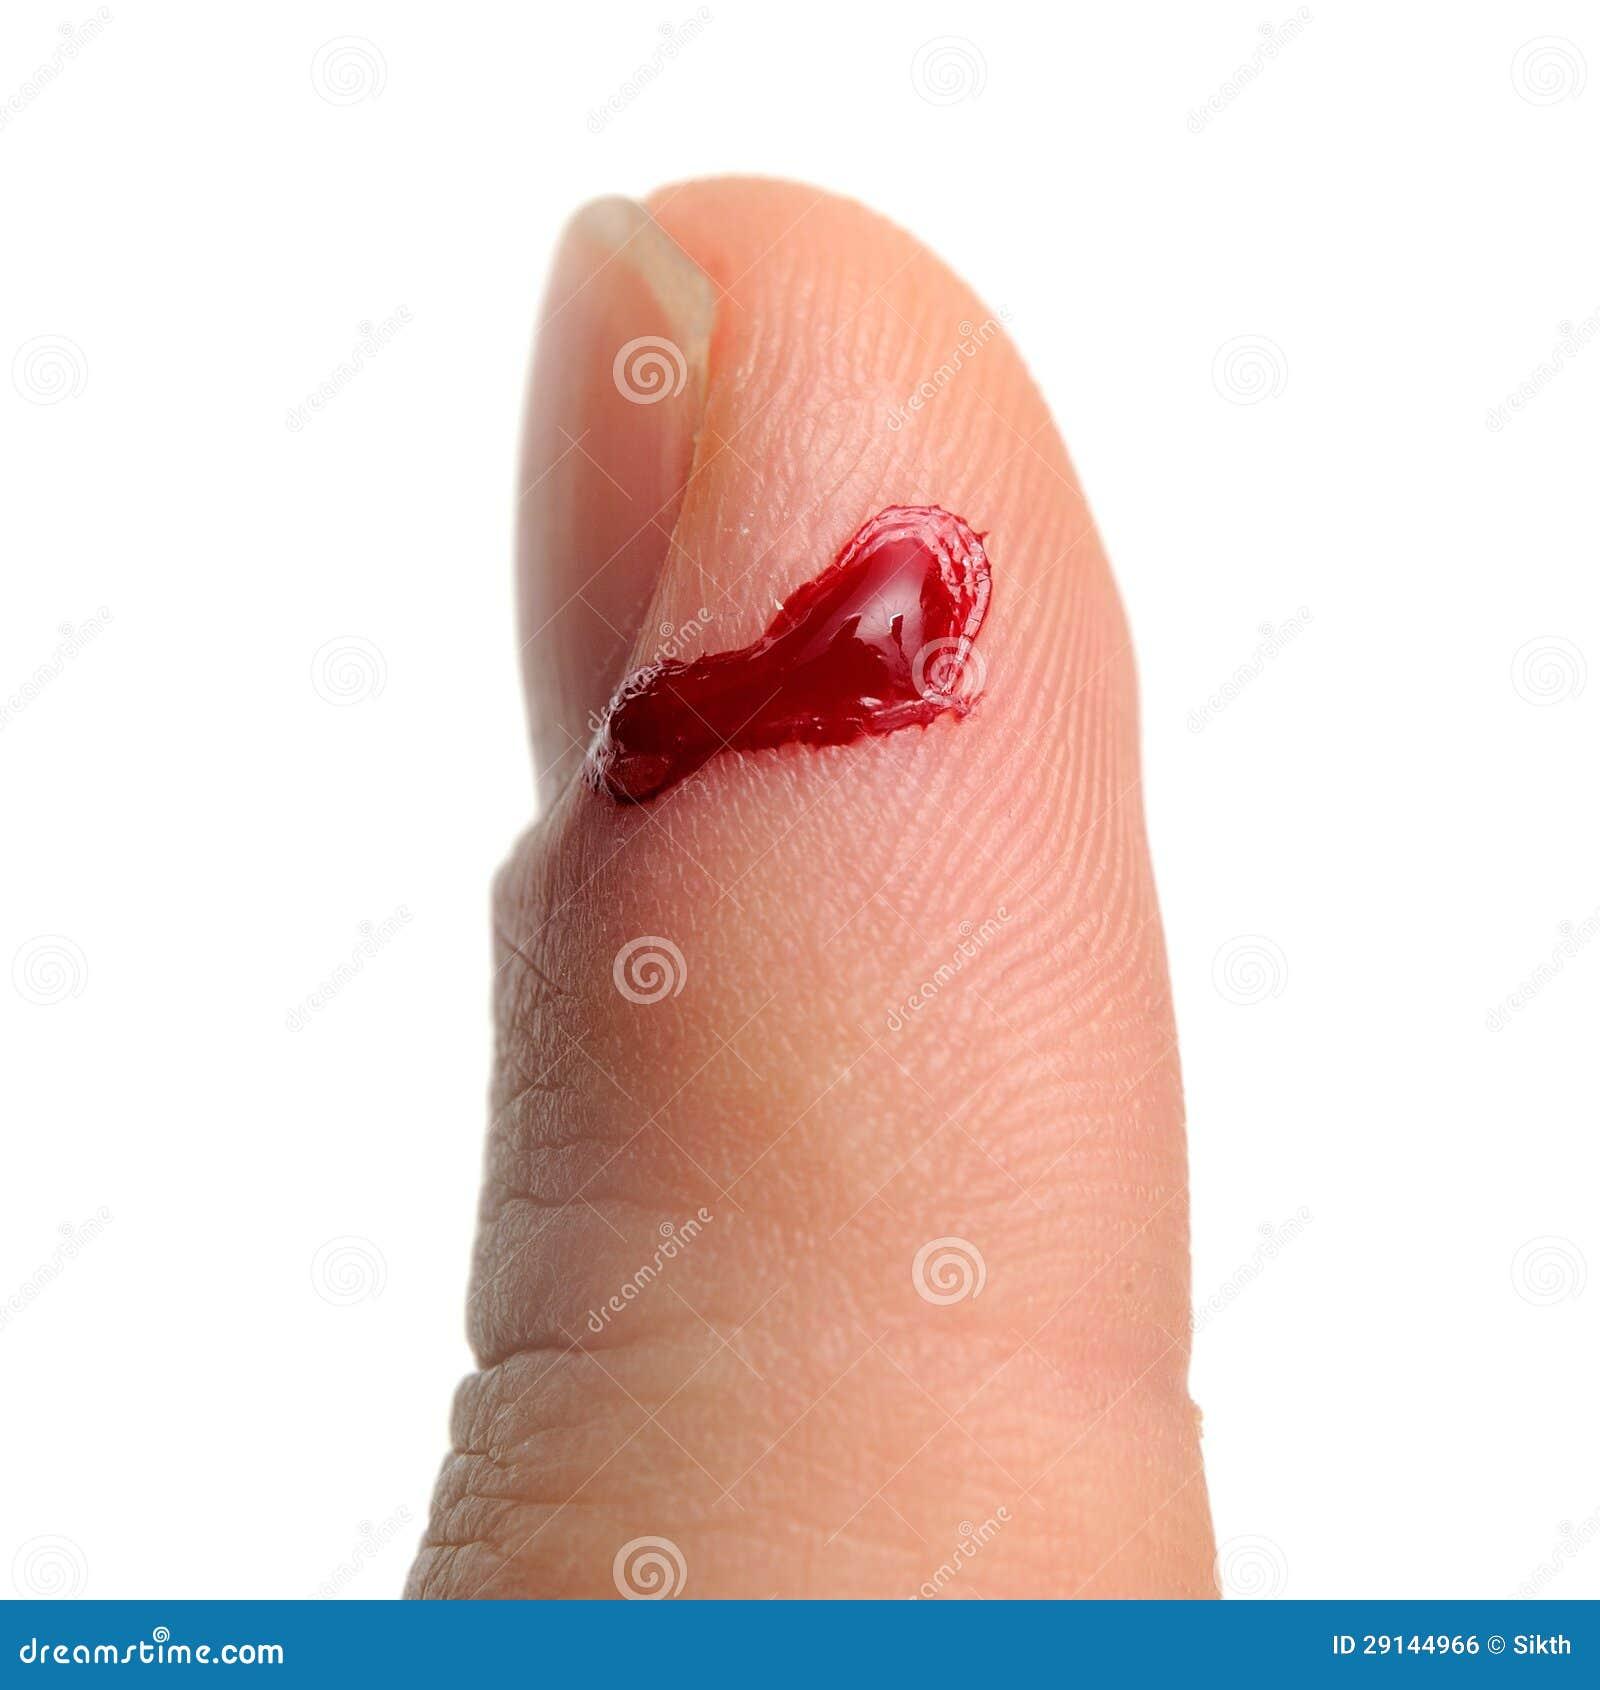 Sangramento do dedo cortado